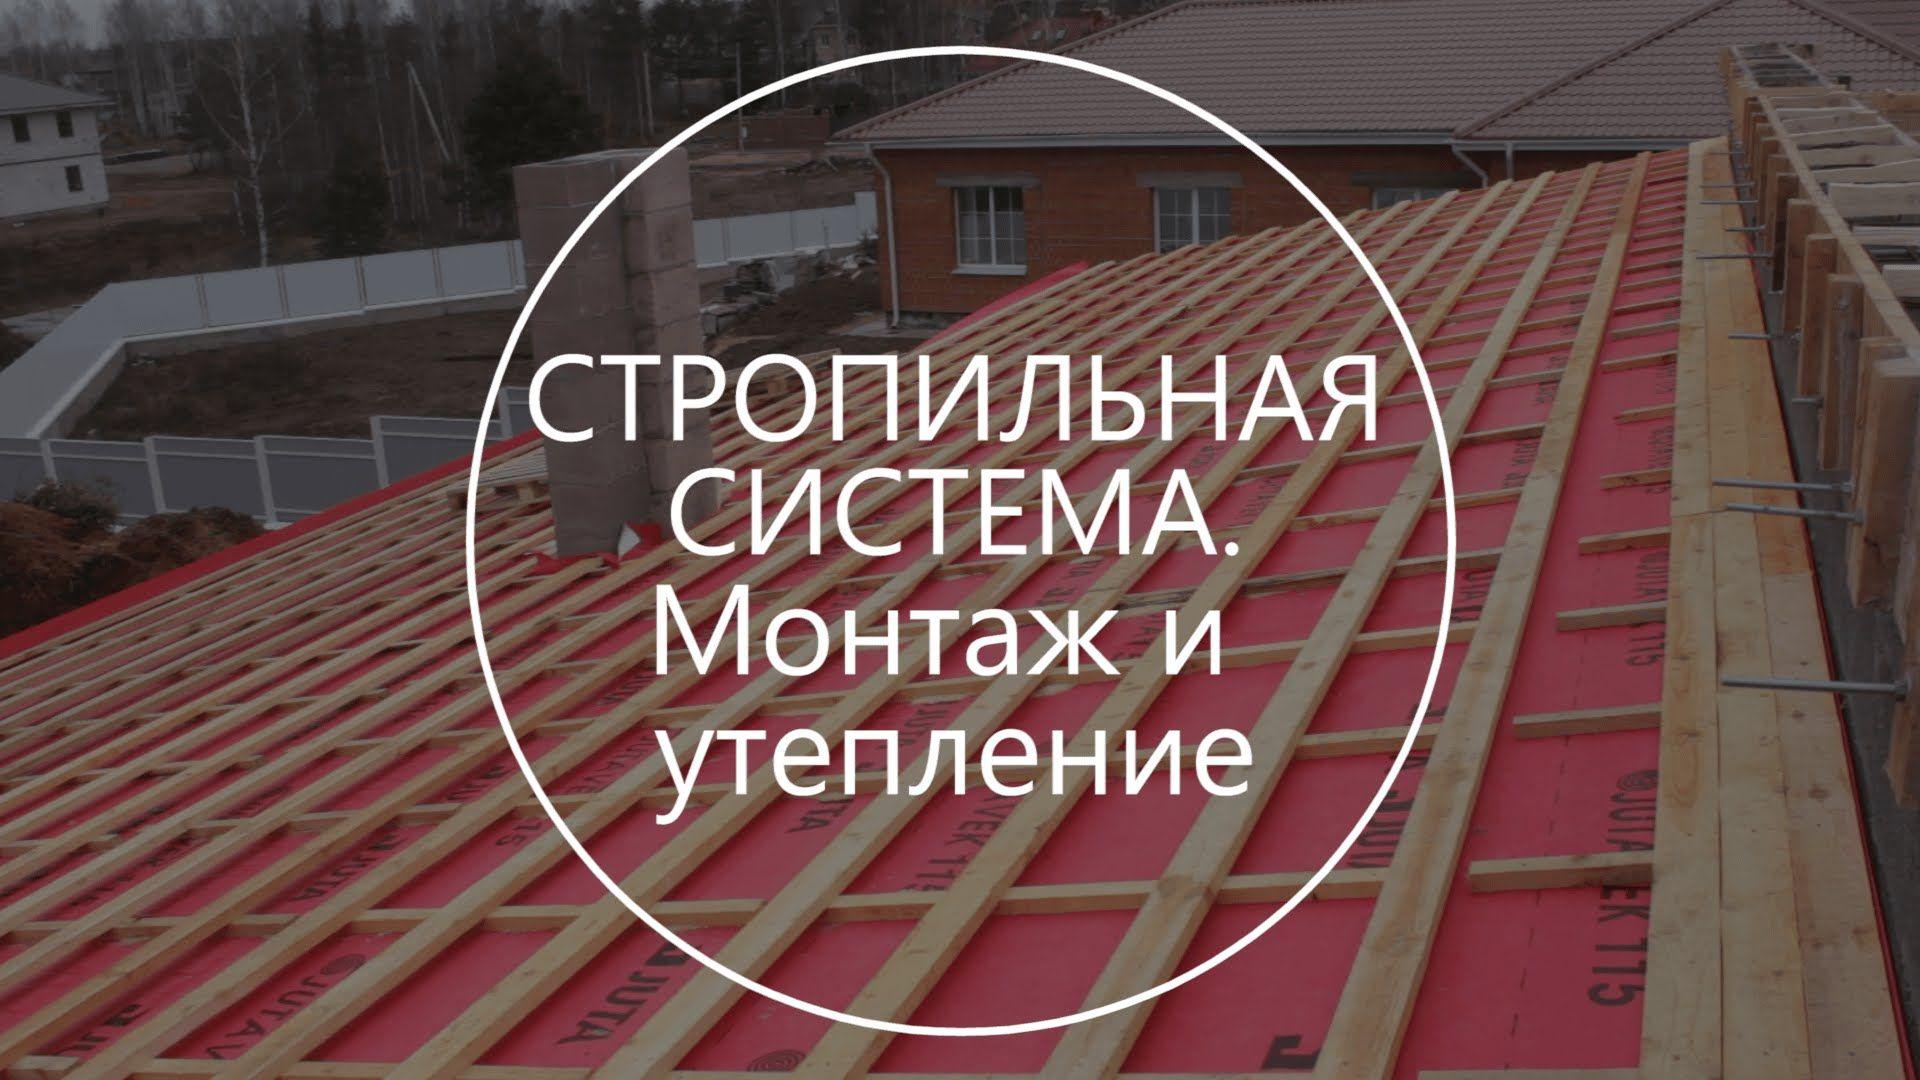 Стропильная система. Монтаж и утепление крыши - Строительство дома с нул...